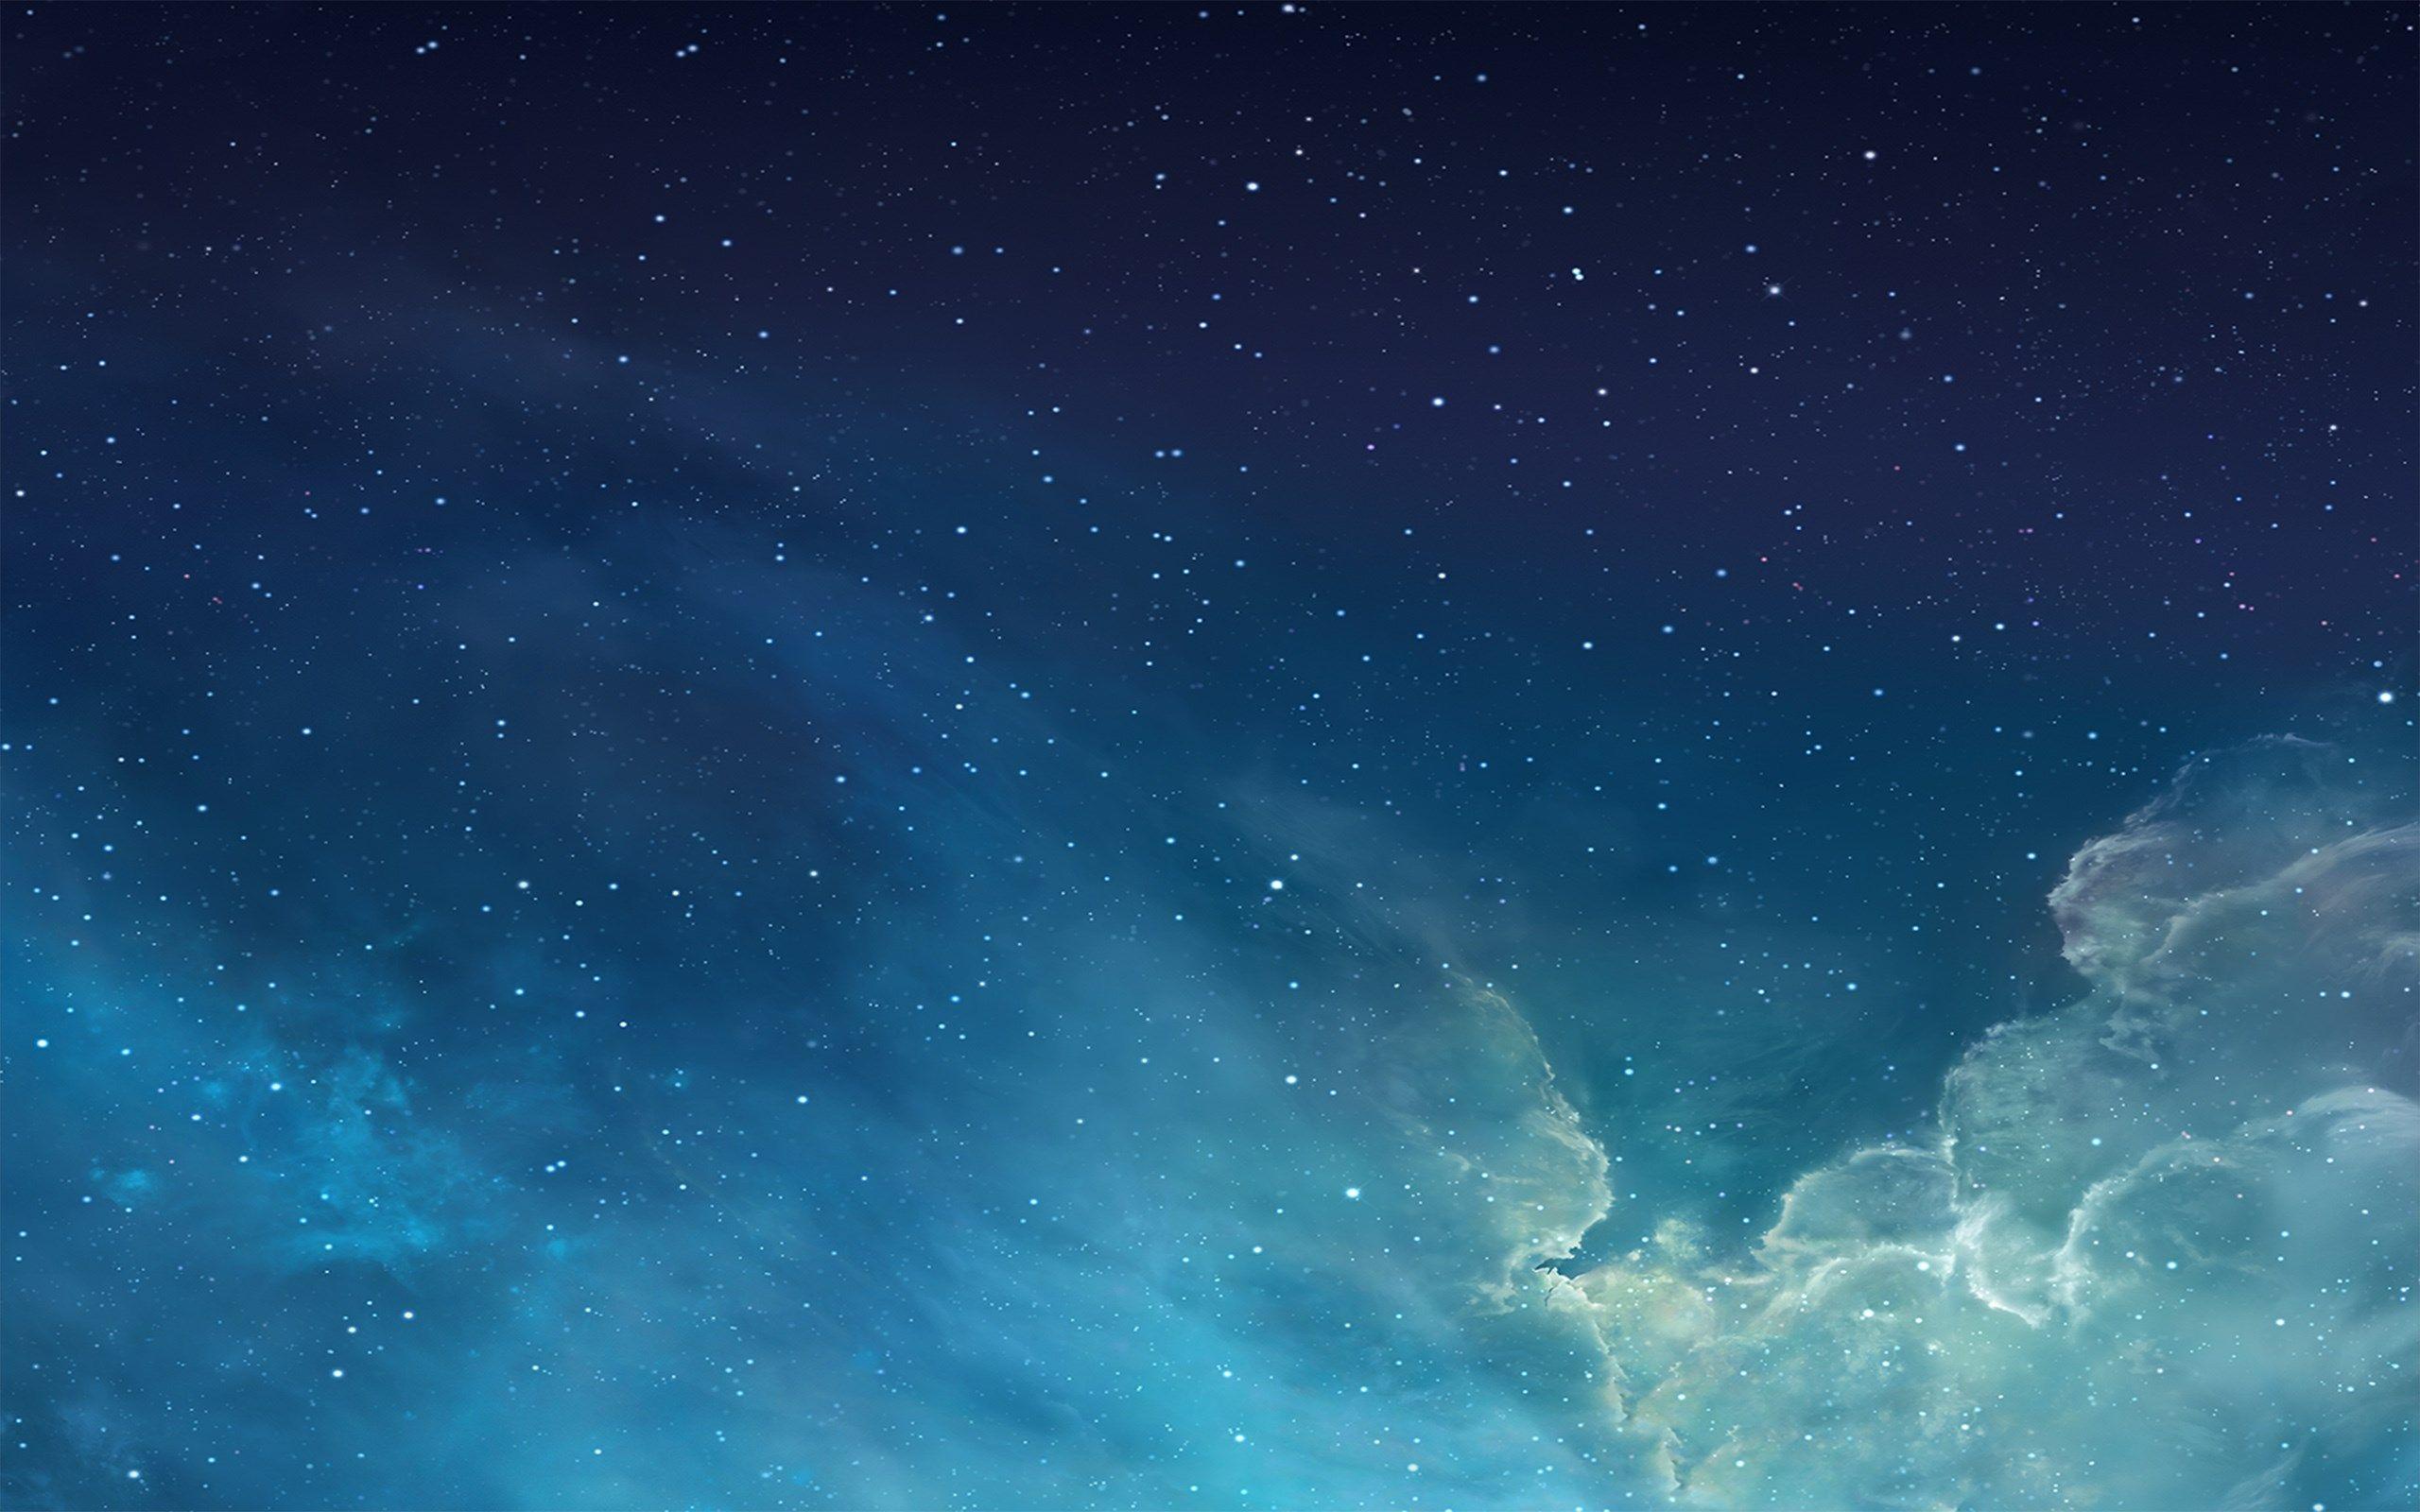 Amazing Wallpaper High Resolution Samsung - 791c6d2ffd99d2dde87fba7fef89d6d5  Image_196038.jpg